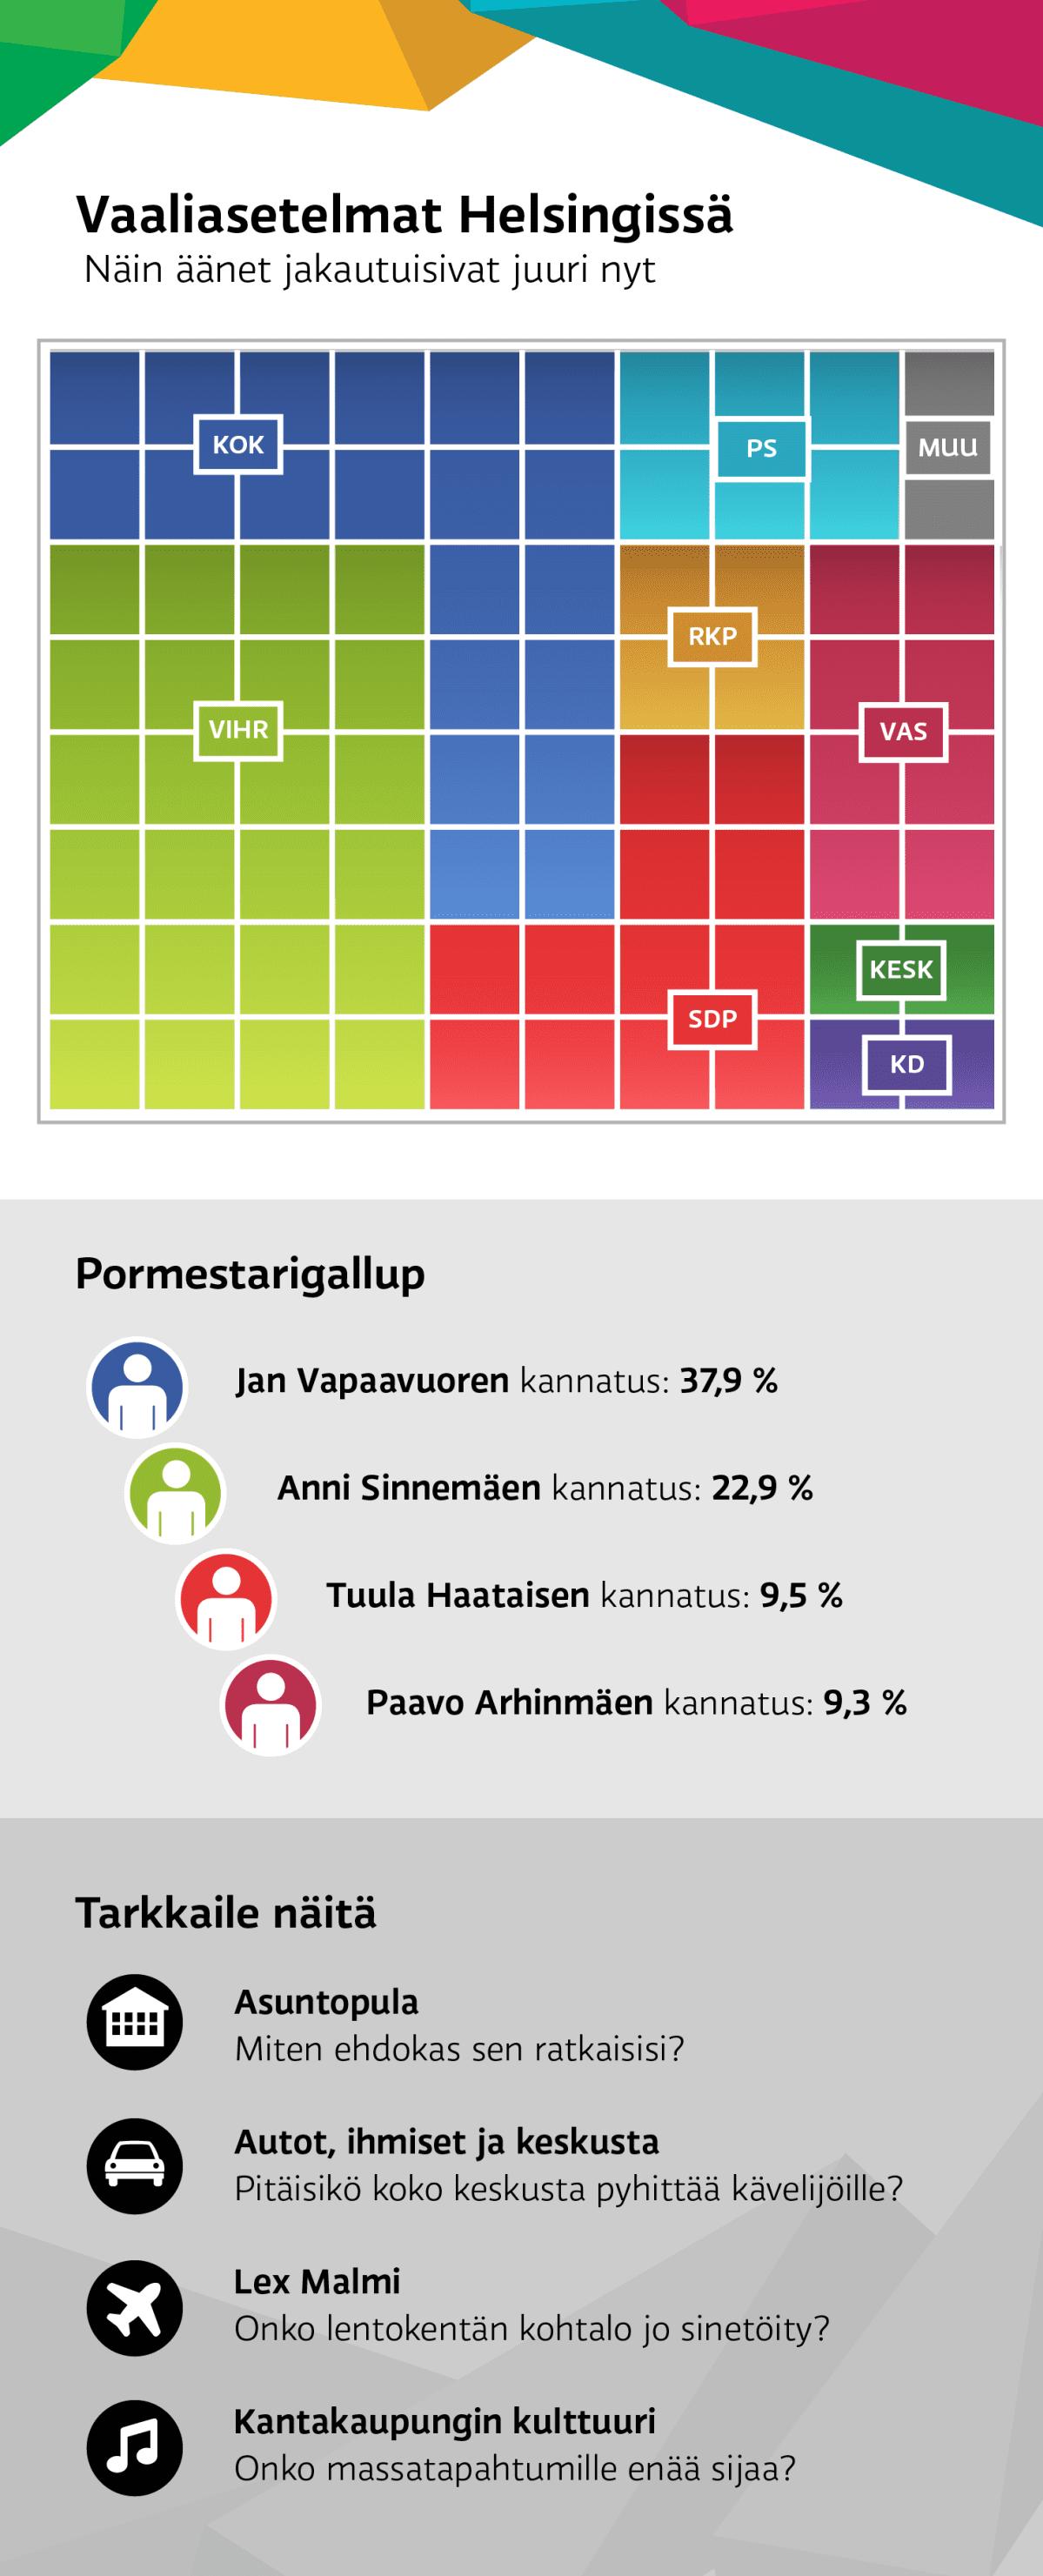 Vaaliasetelmat Helsingissä -grafiikka